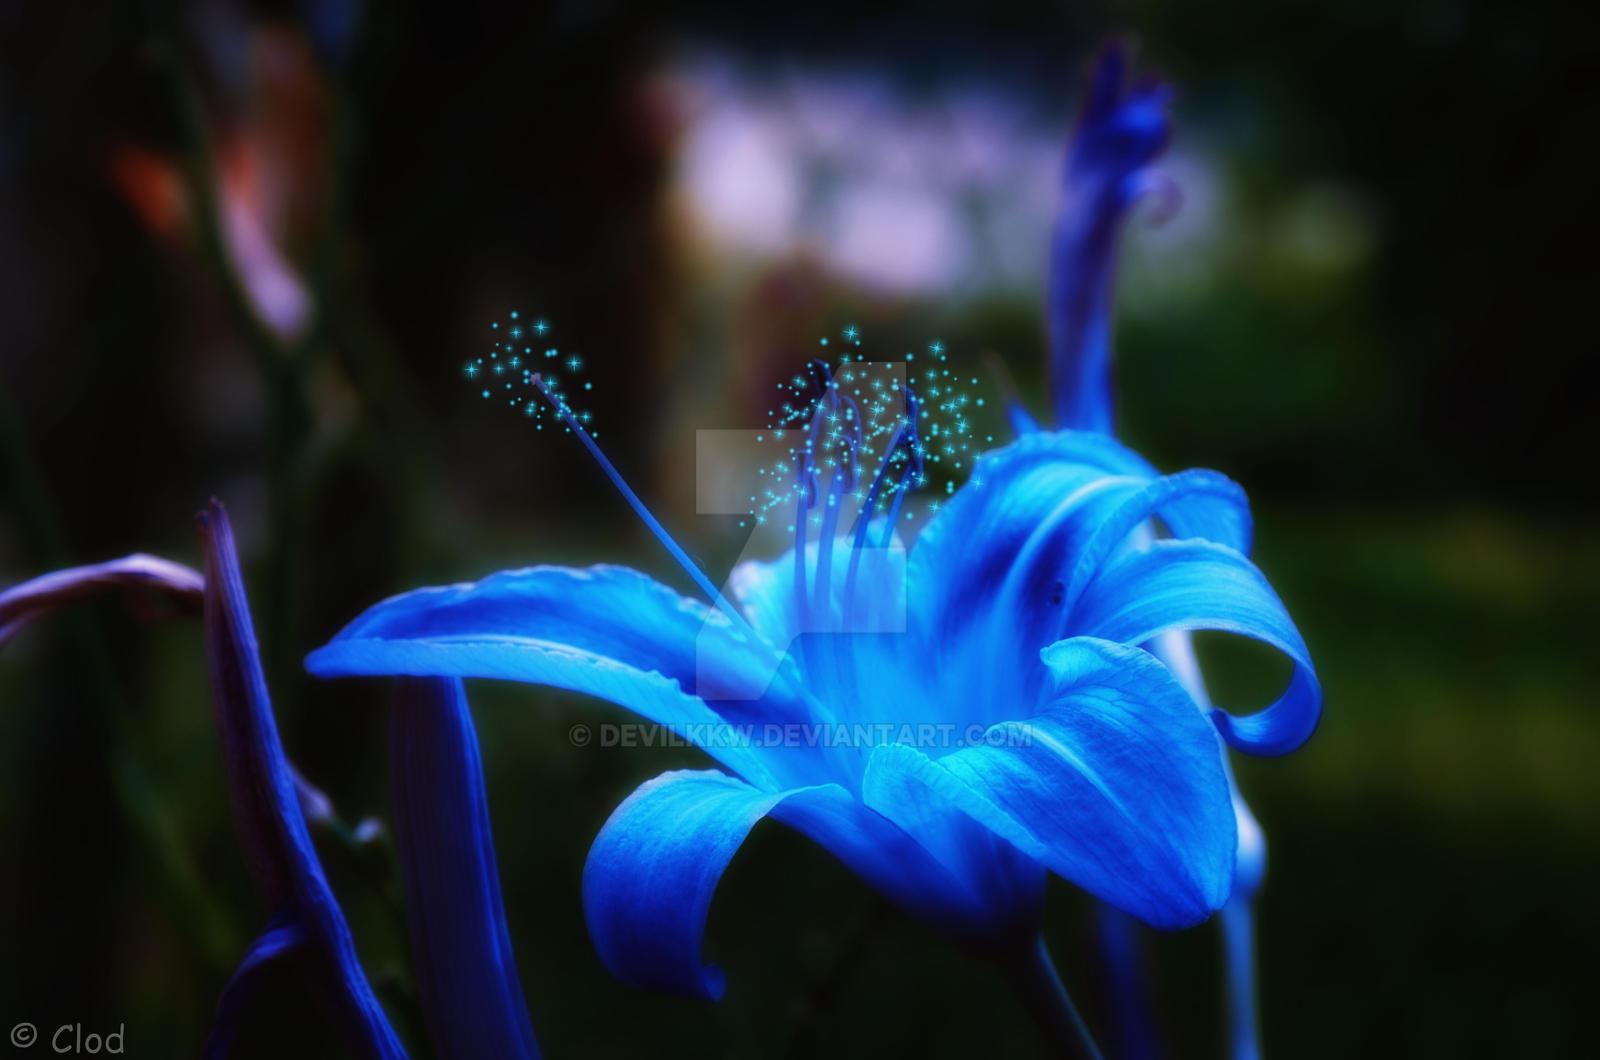 Magic flower by devilkkw on DeviantArt